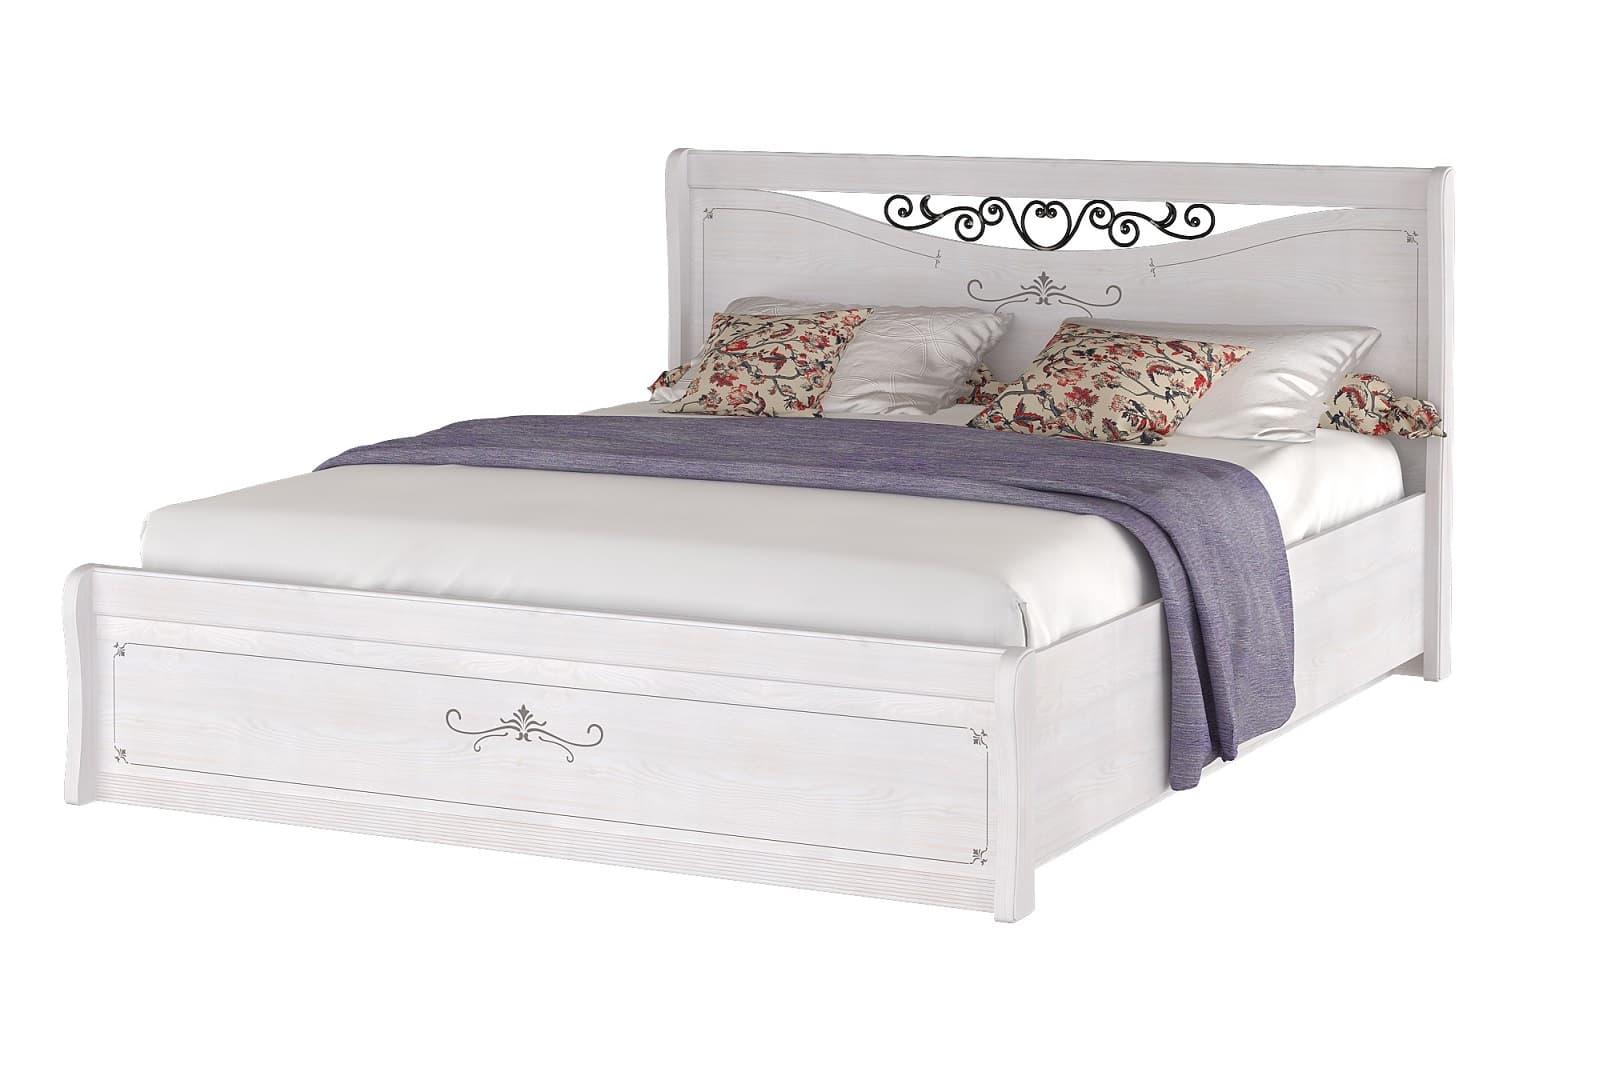 Кровать 160*200 с подъемным механизмом, без матраса Афродита 01